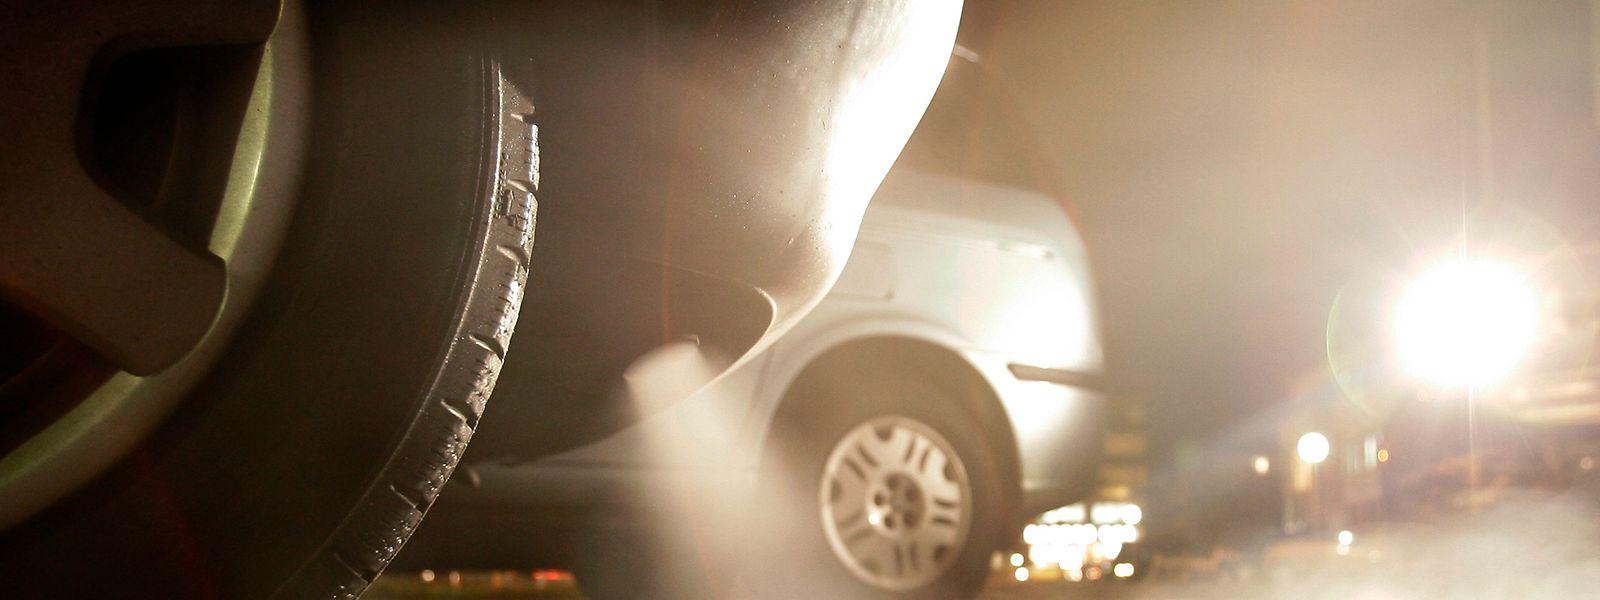 Eine Studie widerlegt die Einschätzung der Autoindustrie, Diesel-Autos würden für die Einhaltung der Klimaziele benötigt.